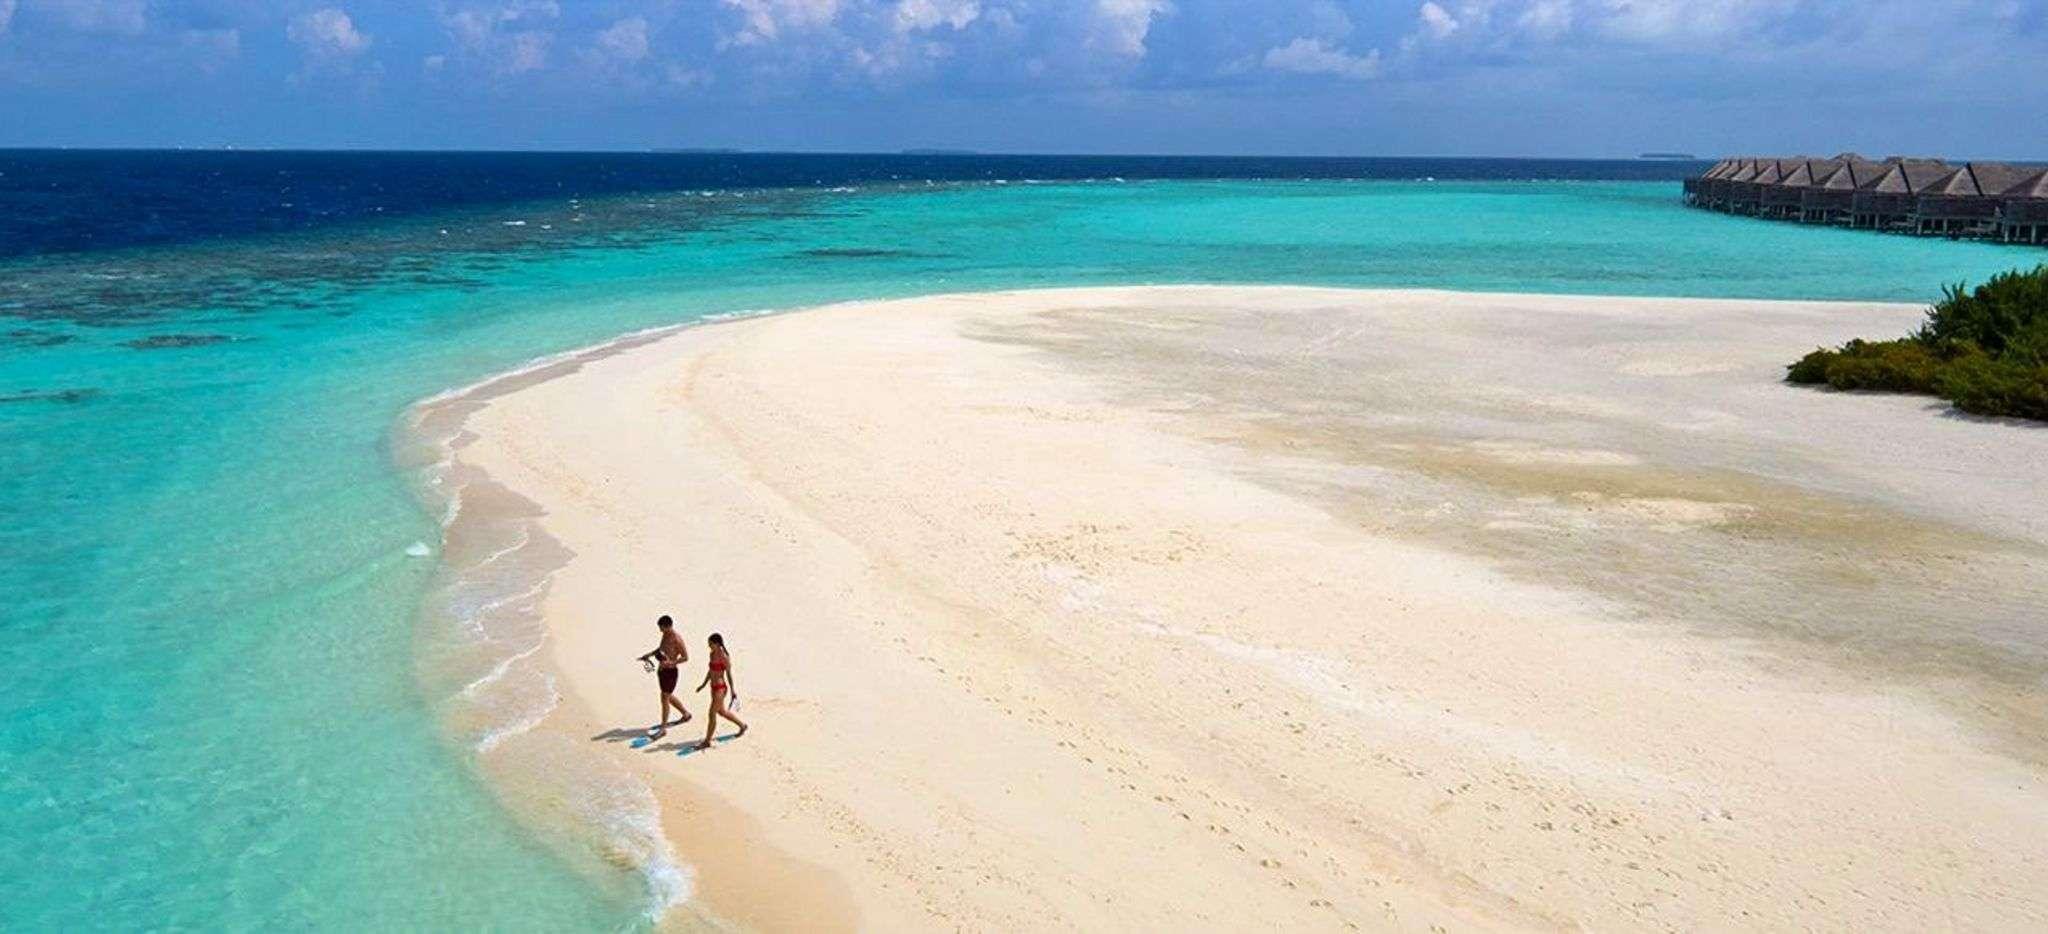 Ein paar spaziert am weißen Sandstrand auf den Malediven